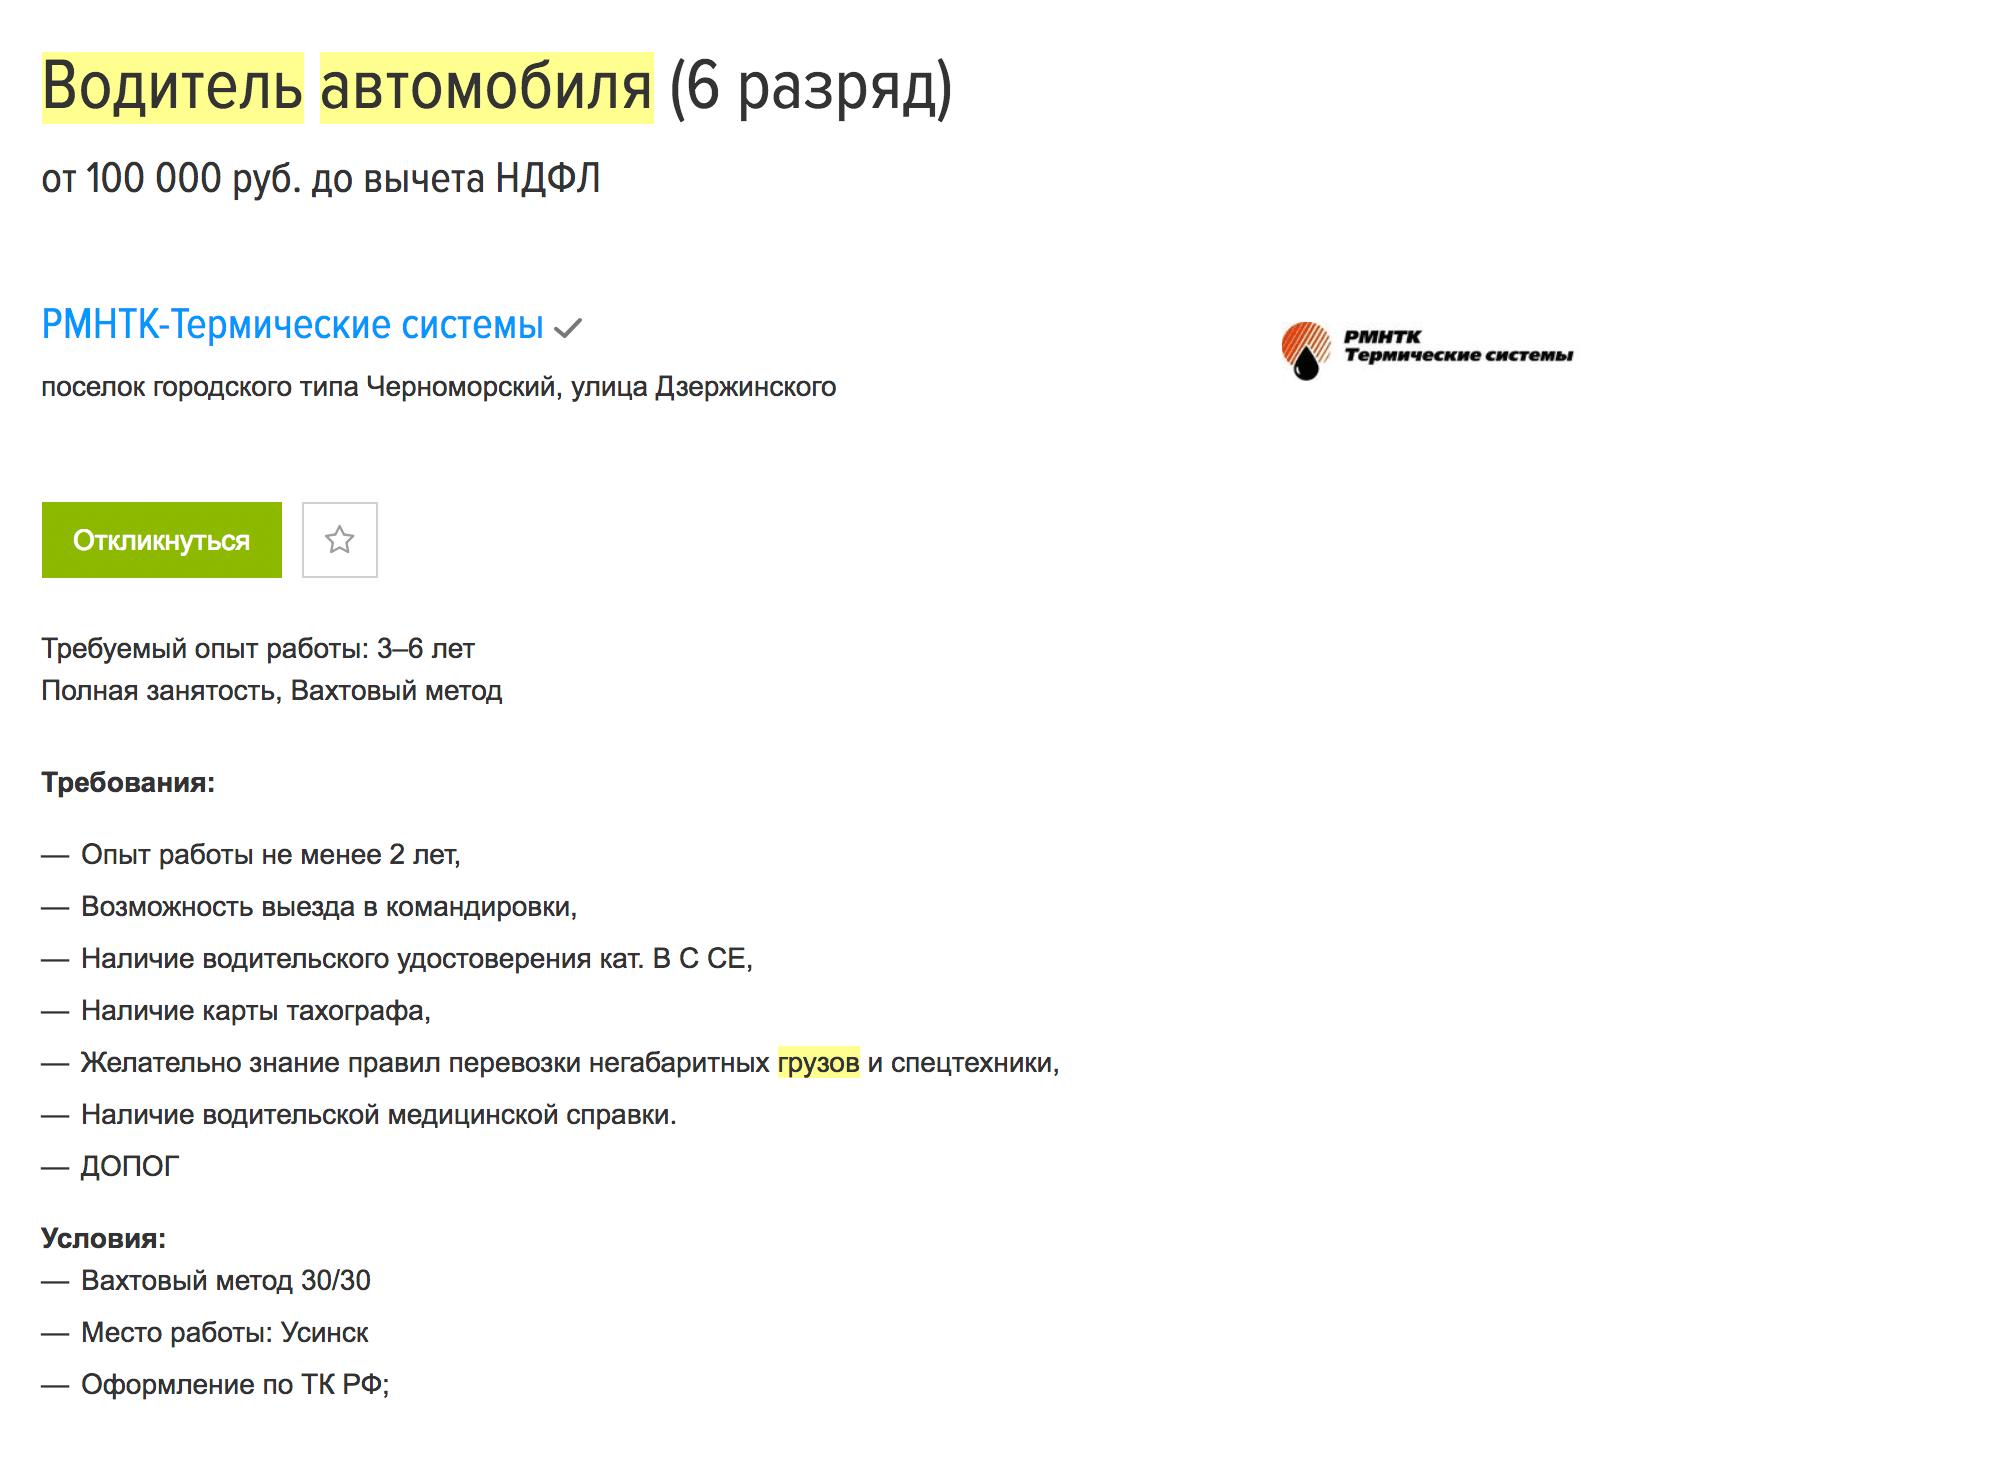 Водитель в Усинске получает 100 000 р.